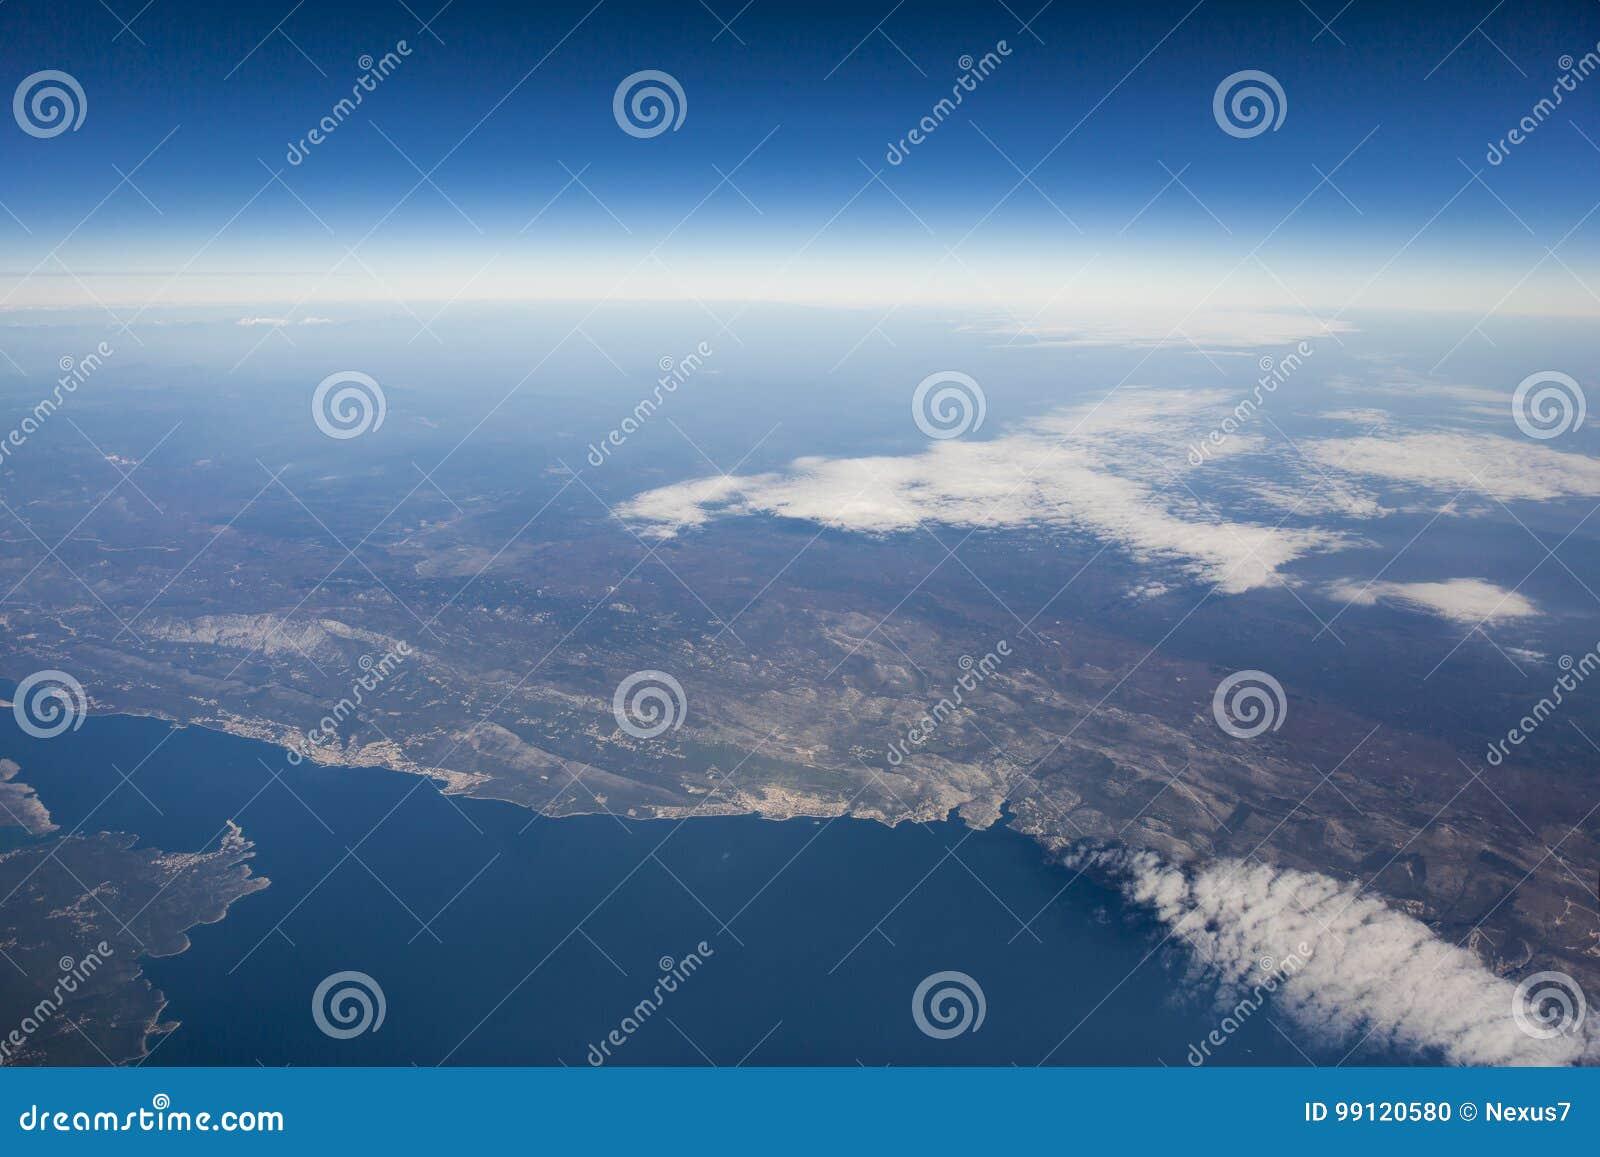 意大利的鸟瞰图